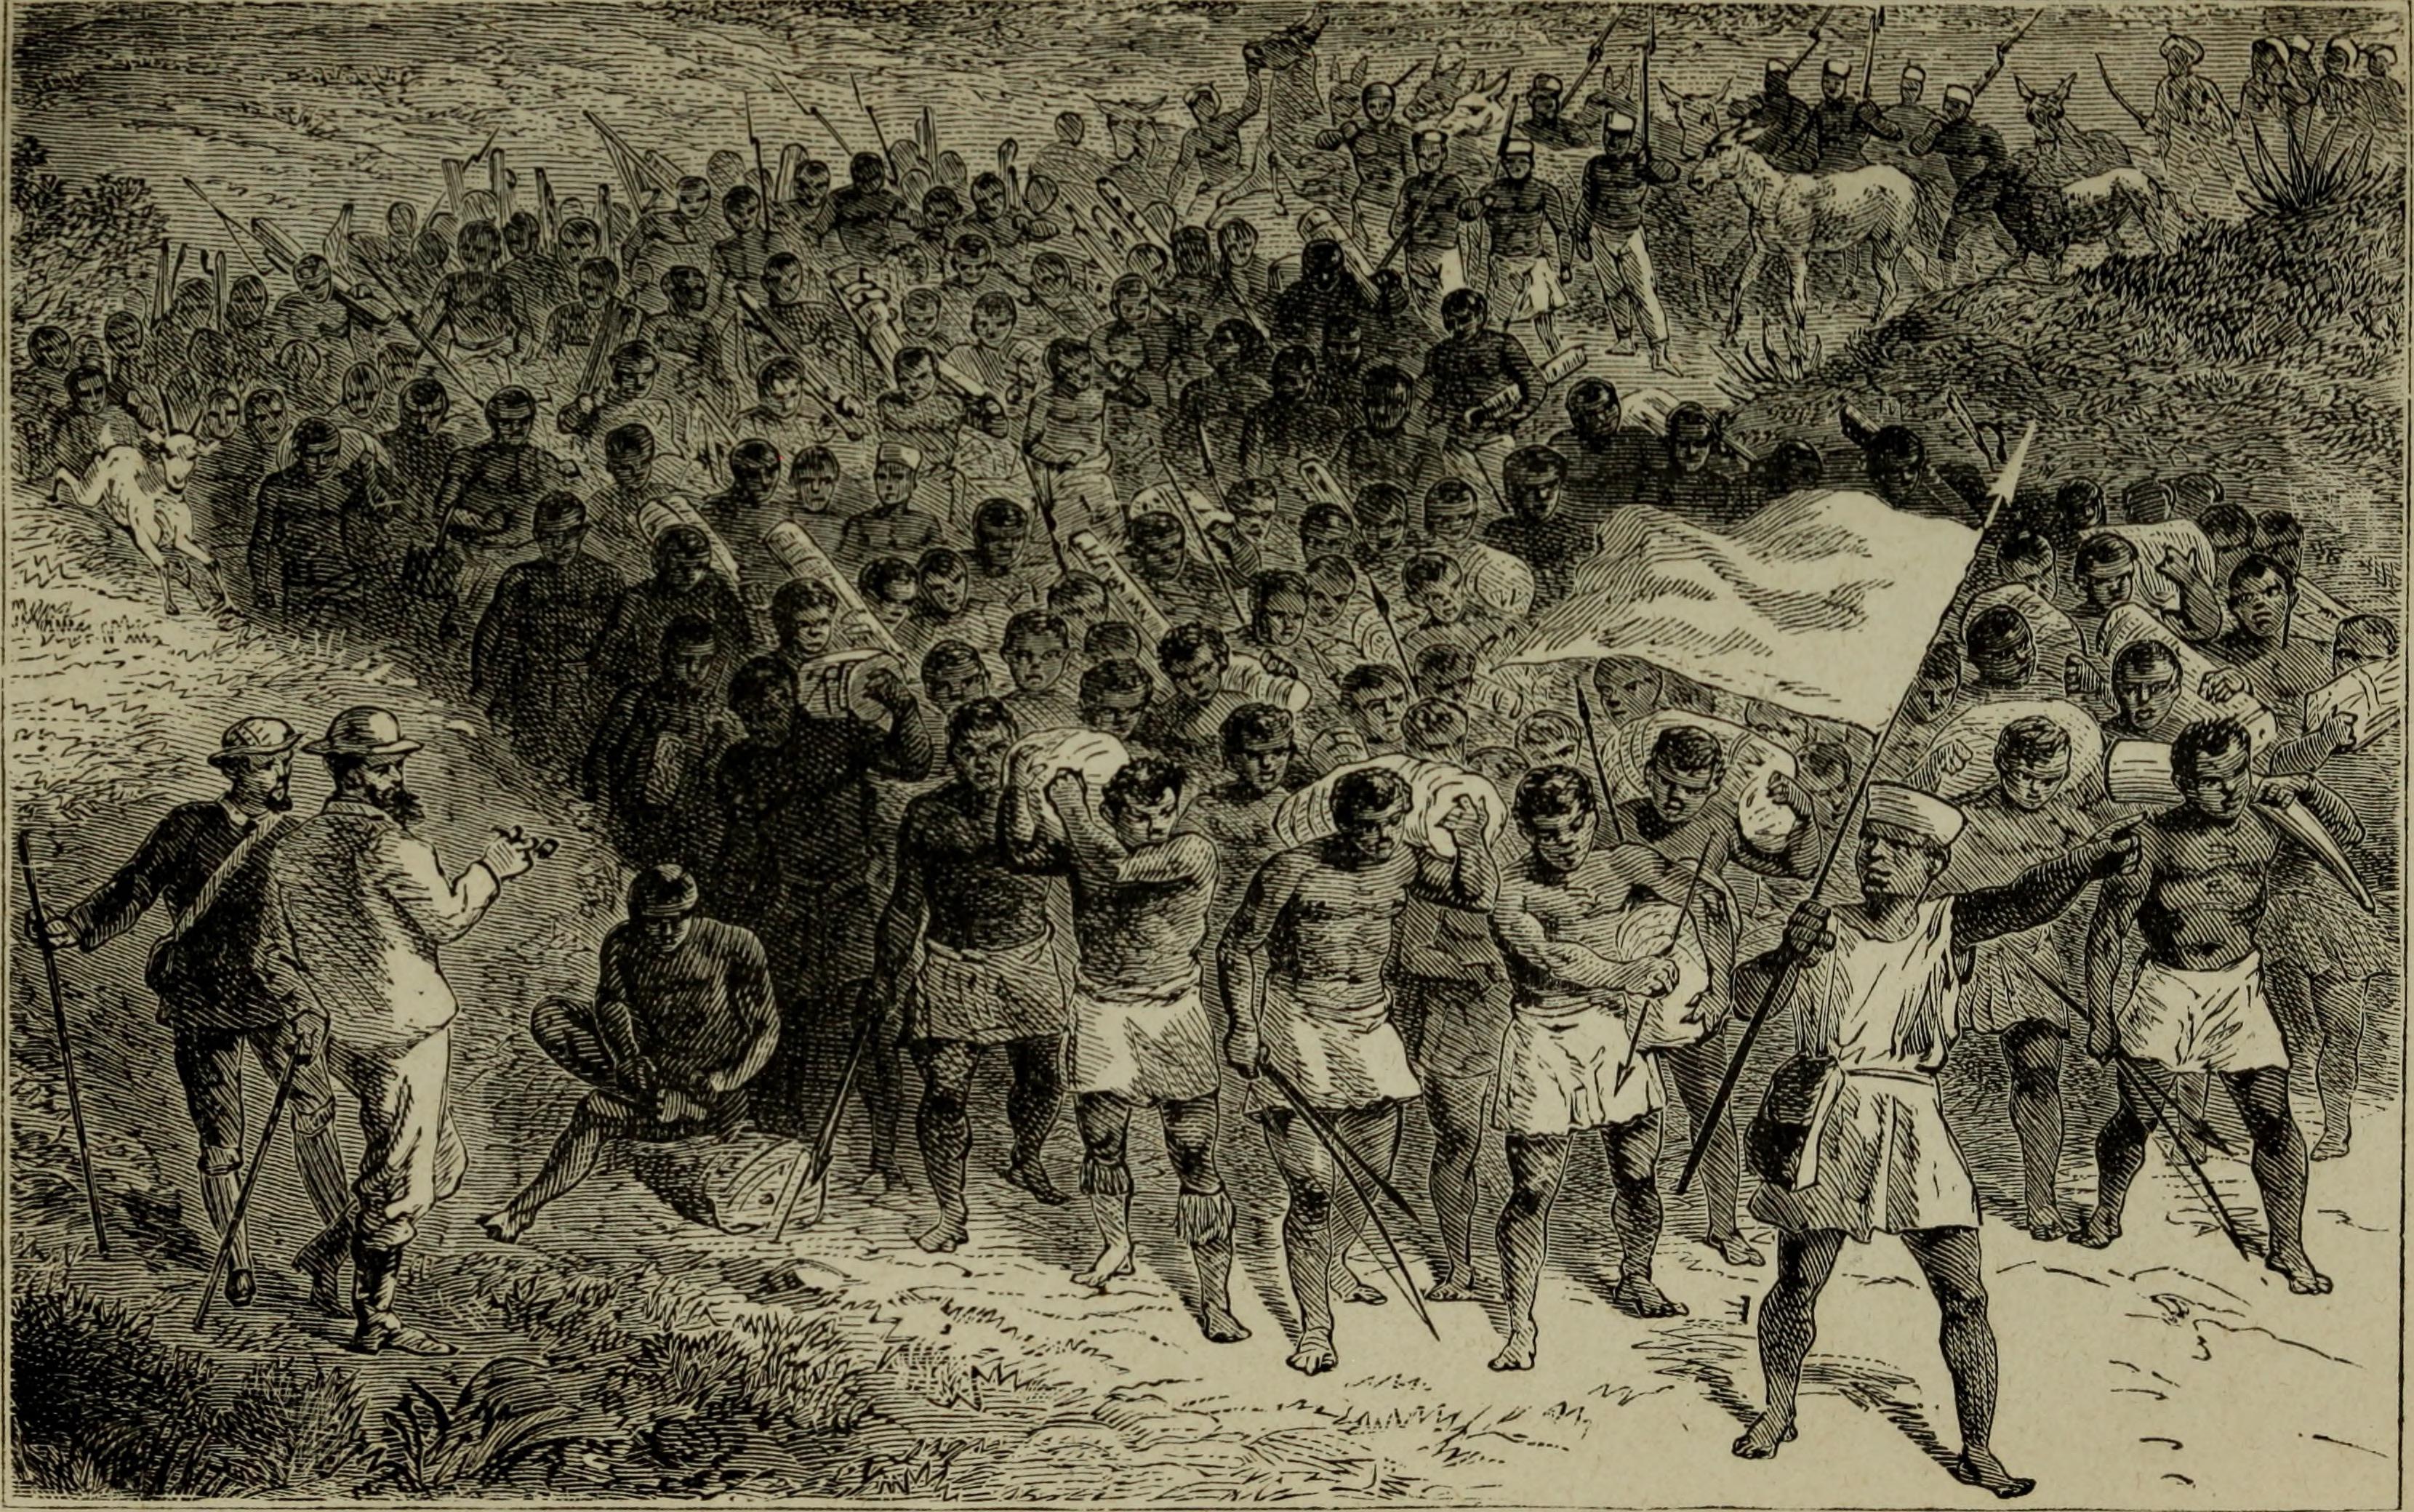 File:Les sources du Nil, voyage des capitaines Speke and Grant ...